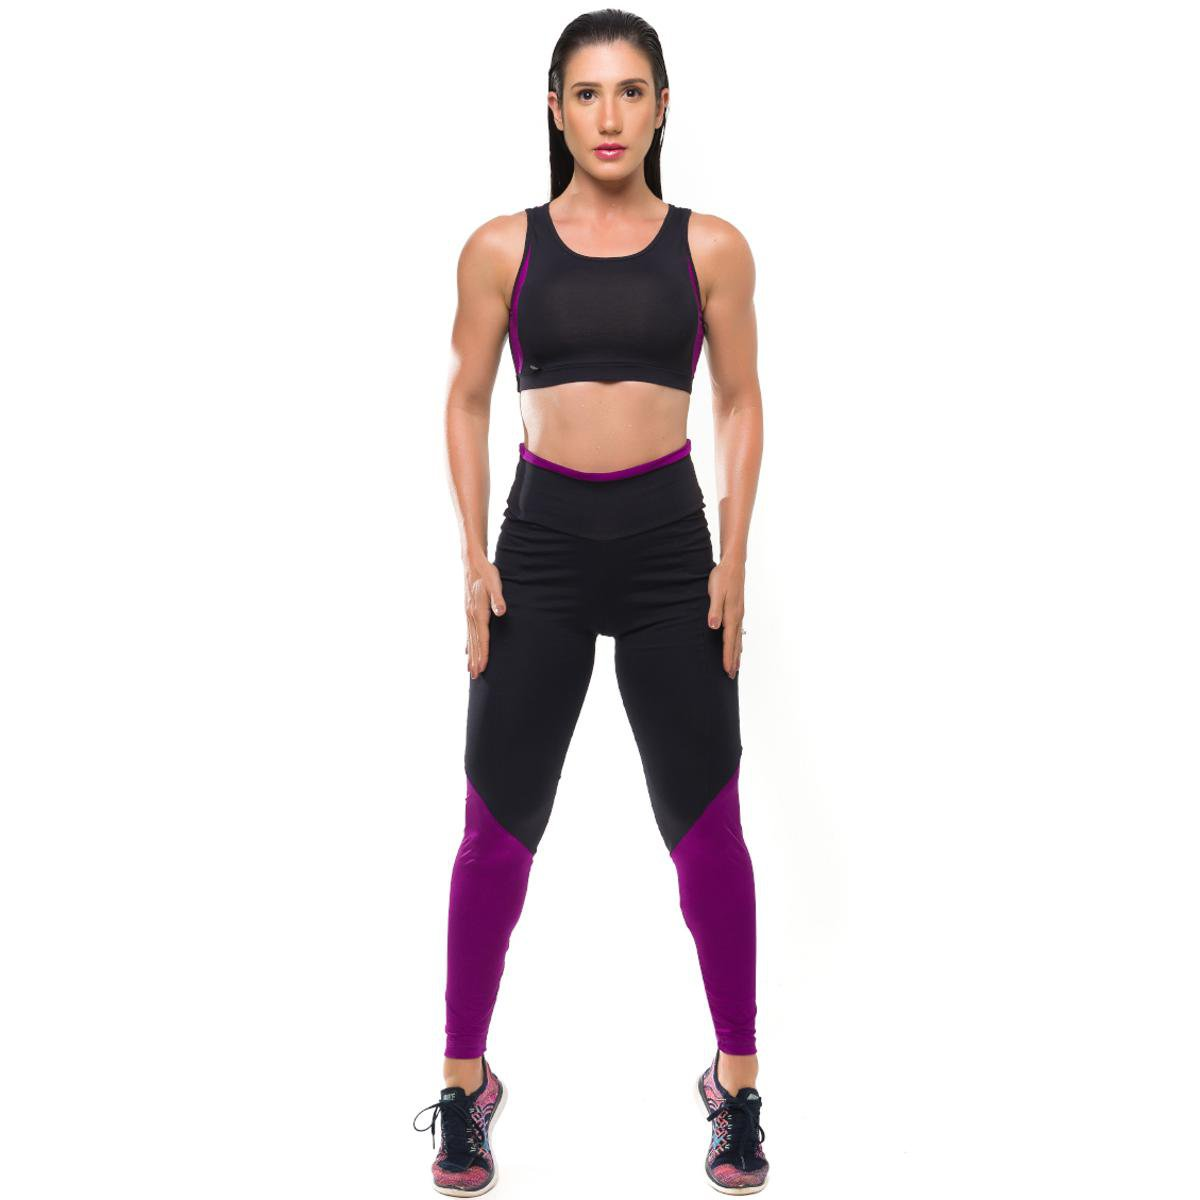 Proteção Legging e Top Fitness Roxo Solar Conjunto Sandy Glam Preto Com Feminino qIwnEOO5v